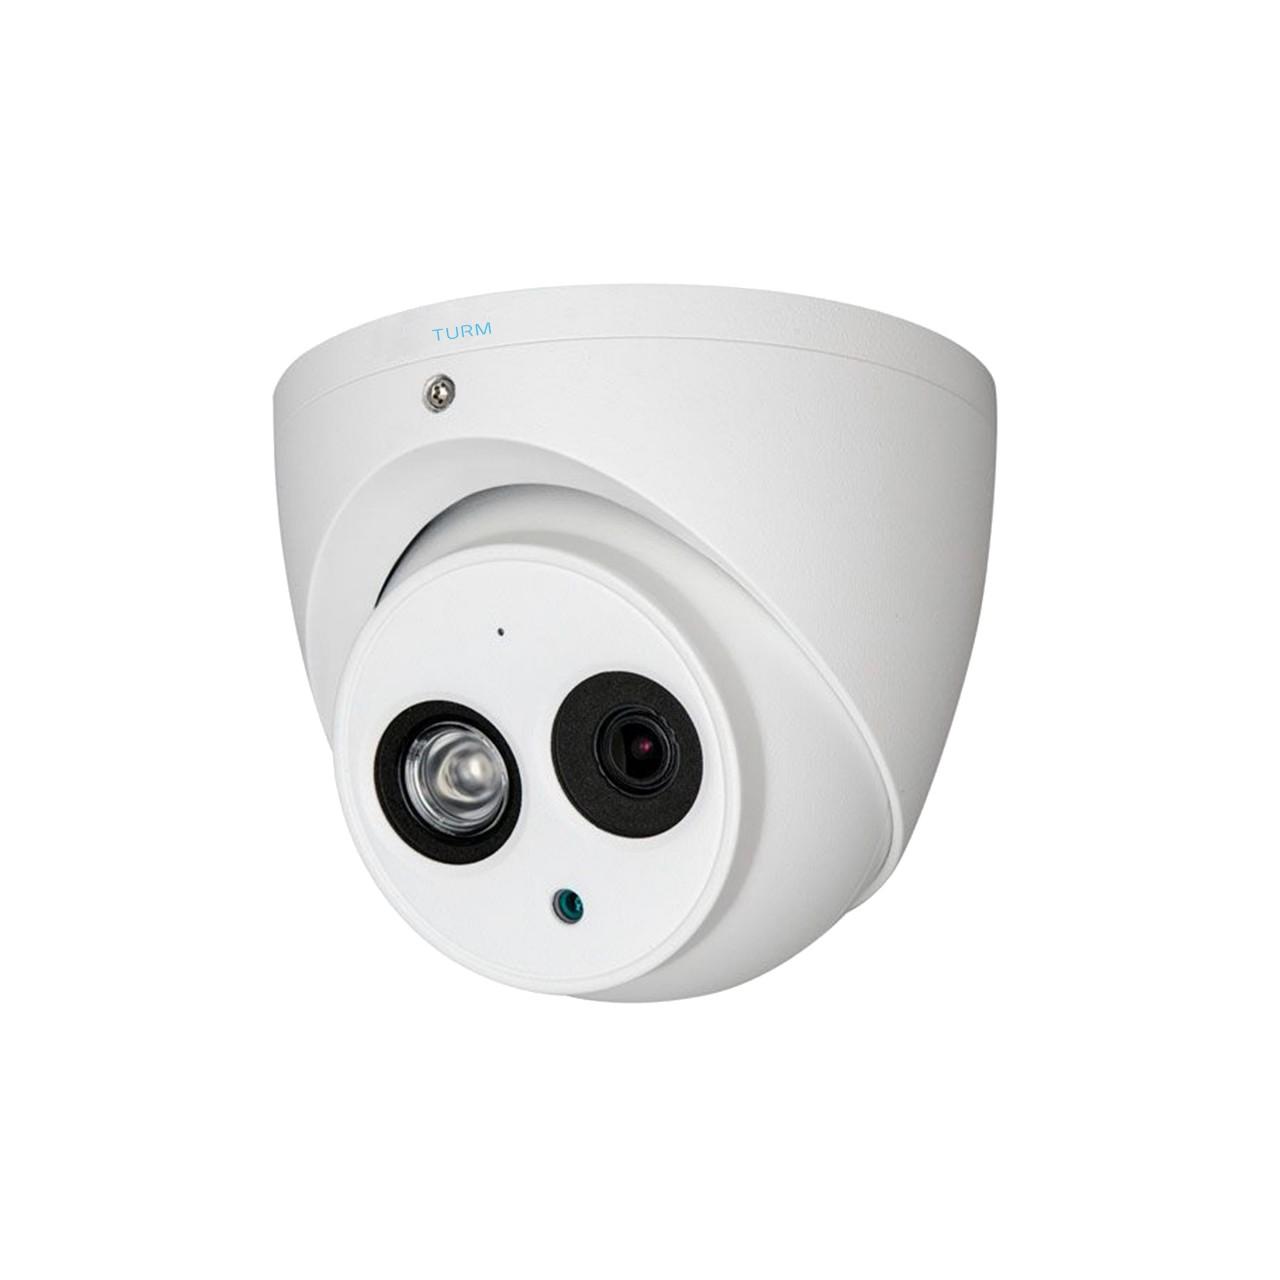 TURM HDCVI Lite 2 MP Eyeball Kamera, 50m Nachtsicht, 2.8mm Objektiv, 103° Blickwinkel, Audio